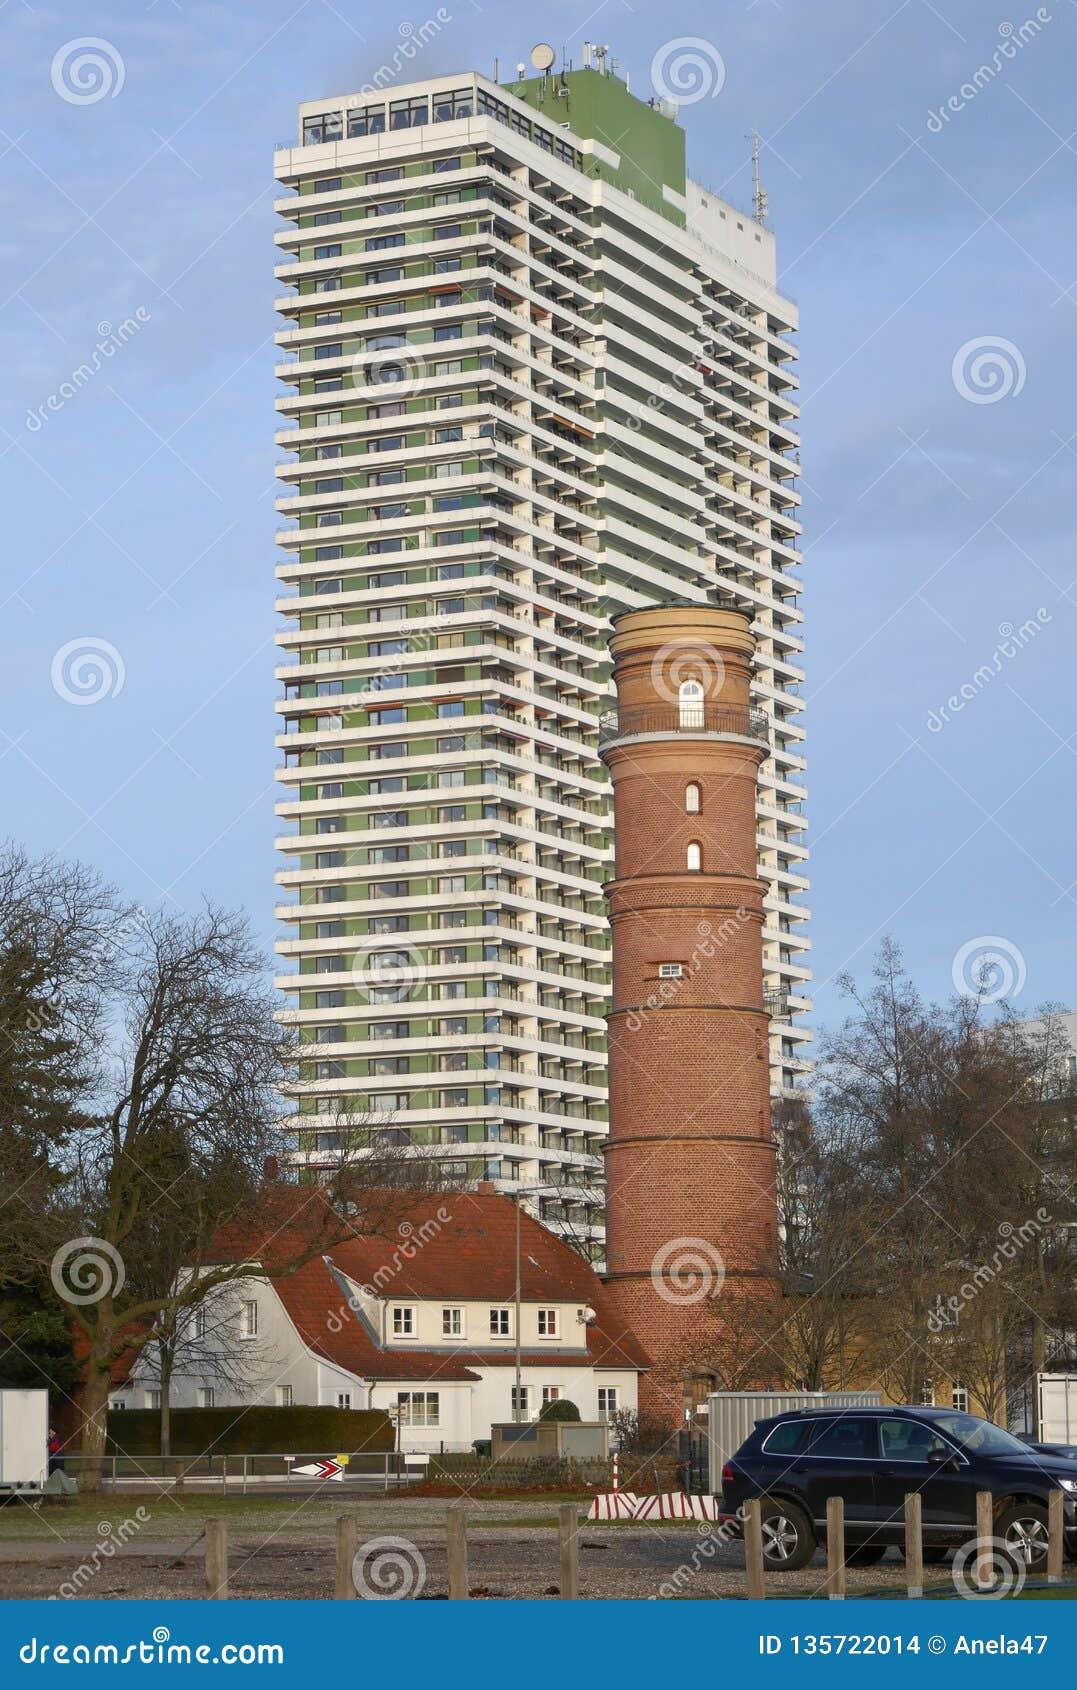 Nostalgia e modernidade, farol velho e um hotel moderno em um arranha-céus